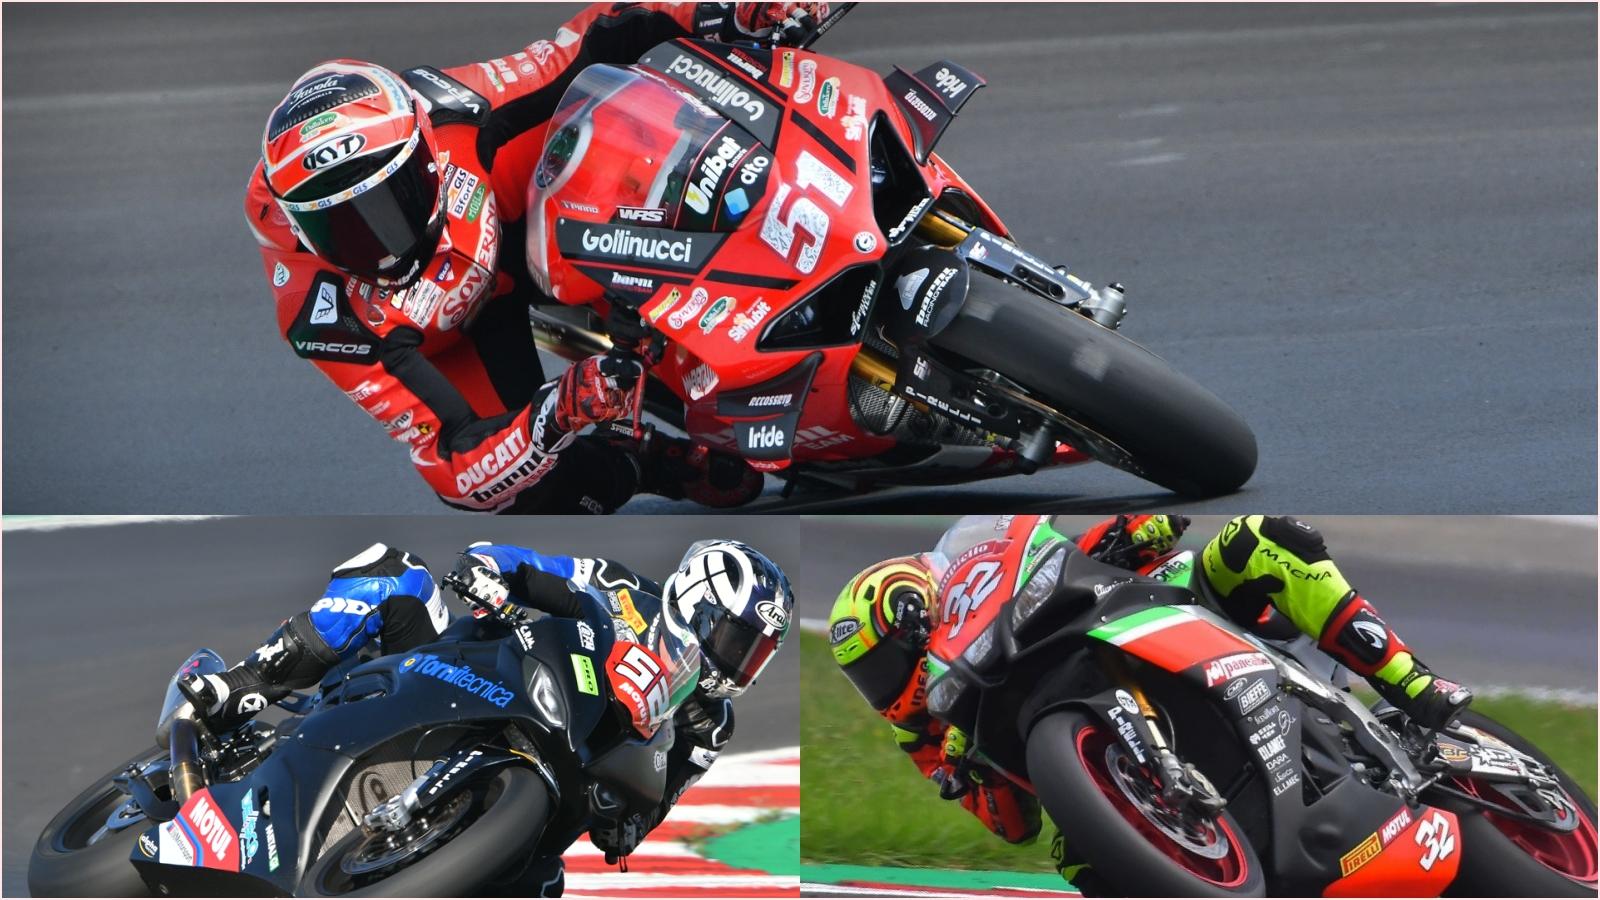 CIV SBK 2020: pilotos, motos, equipos, calendario y cinco favoritos